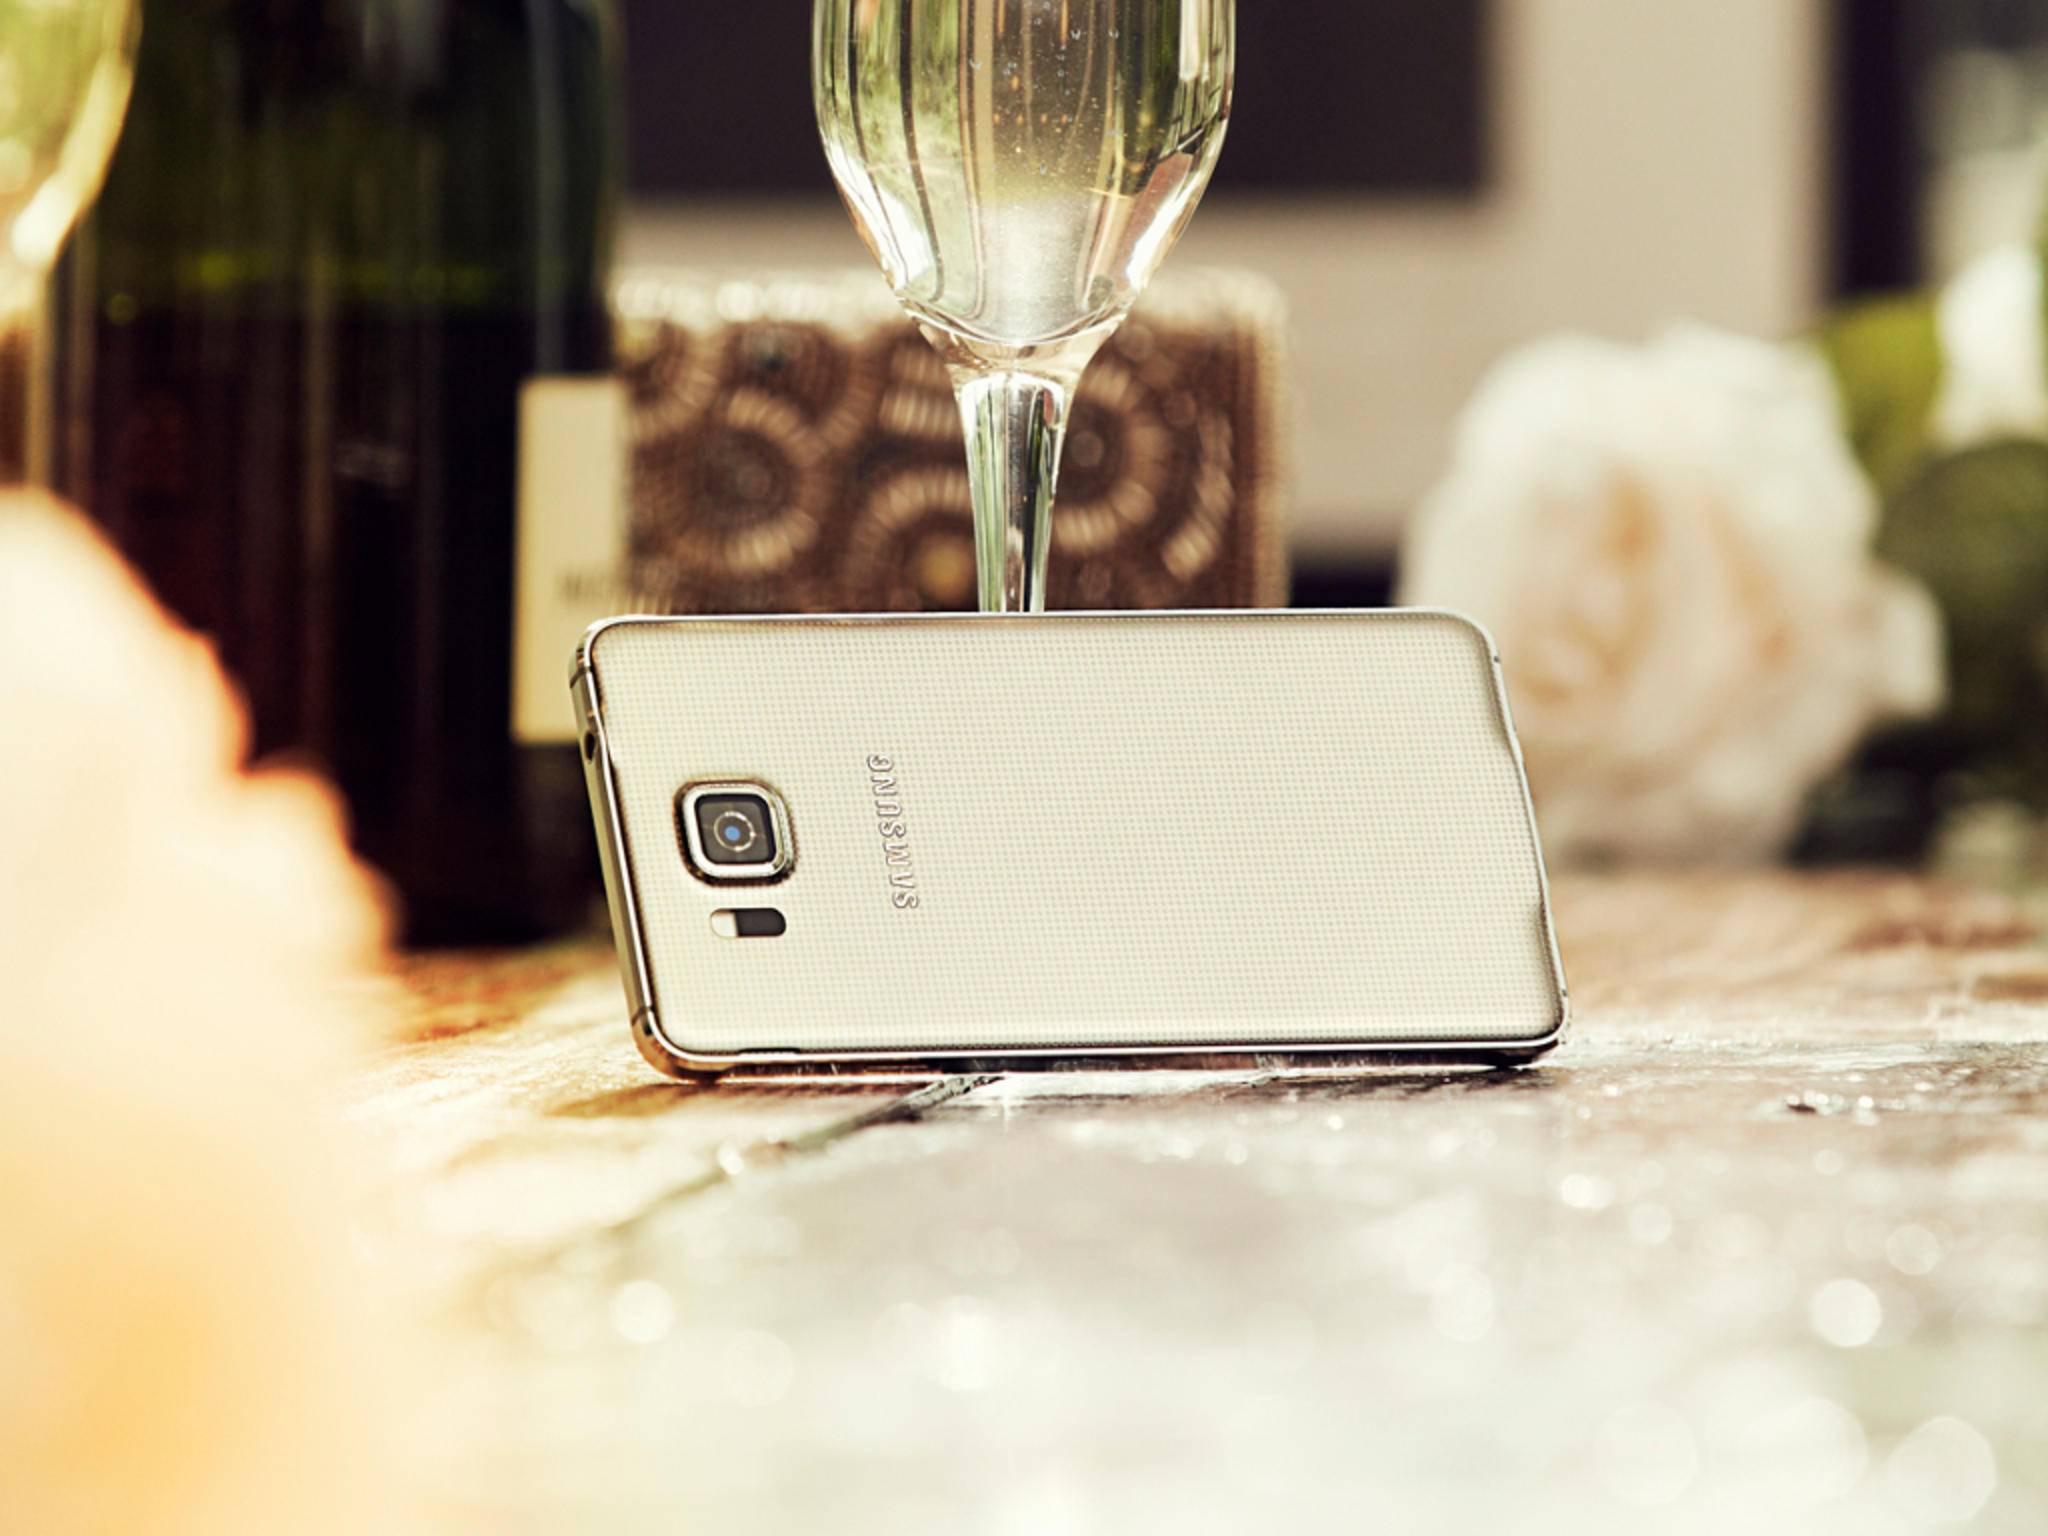 Das Samsung Galaxy Alpha könnte mit dem Galaxy A7 einen inoffiziellen Nachfolger bekommen.